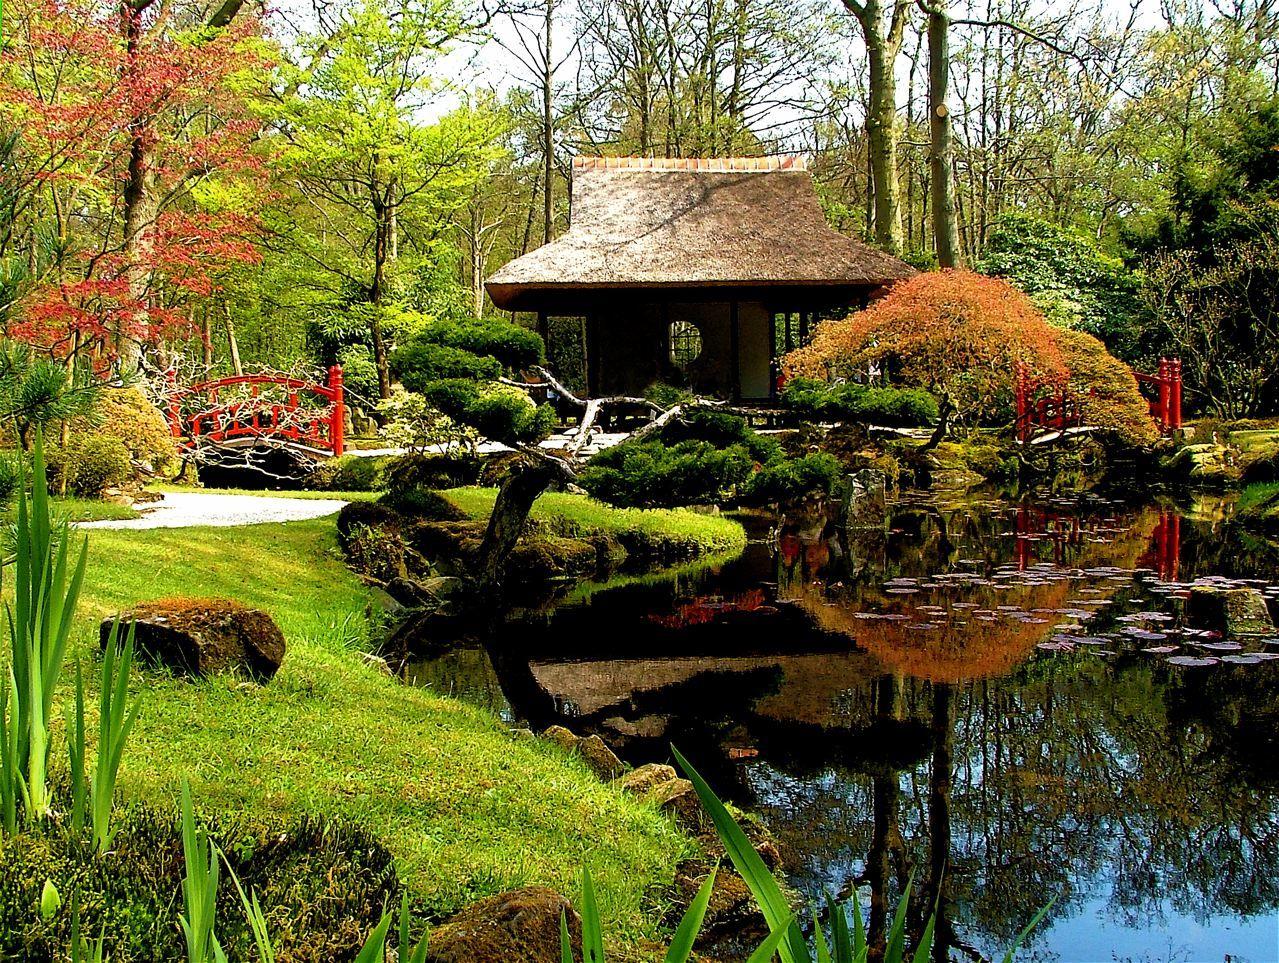 astonishing beautiful zen garden | beautiful japanese garden | Zen garden design, Japanese ...